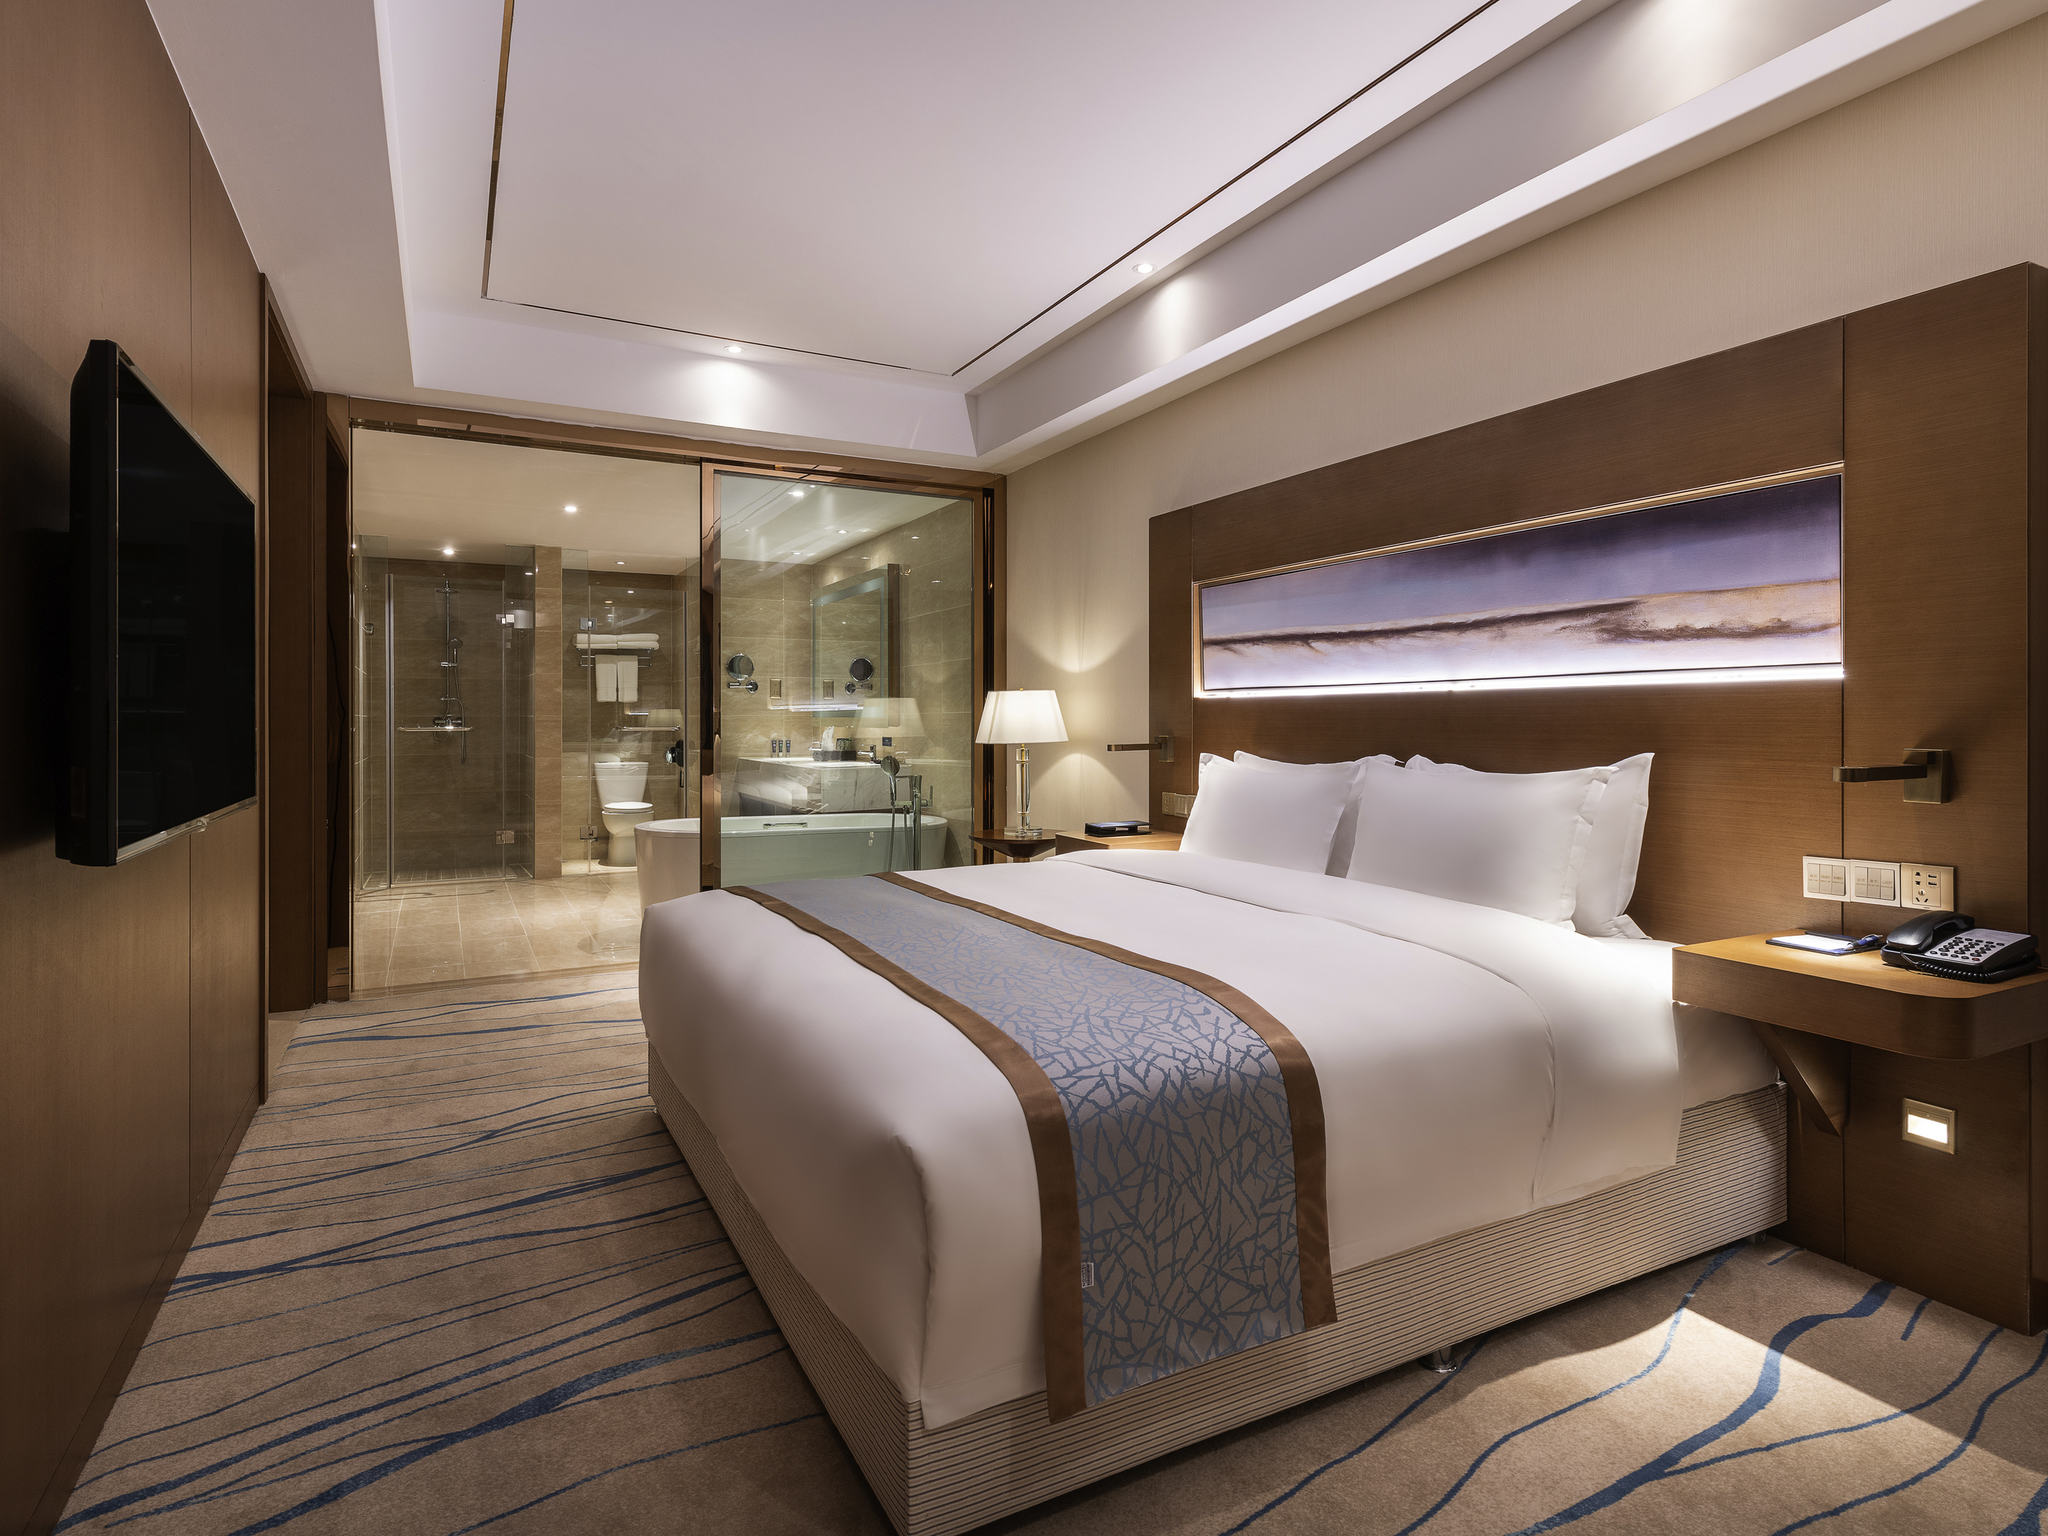 โรงแรม – Novotel Qingdao New Hope (Opening September 2018)